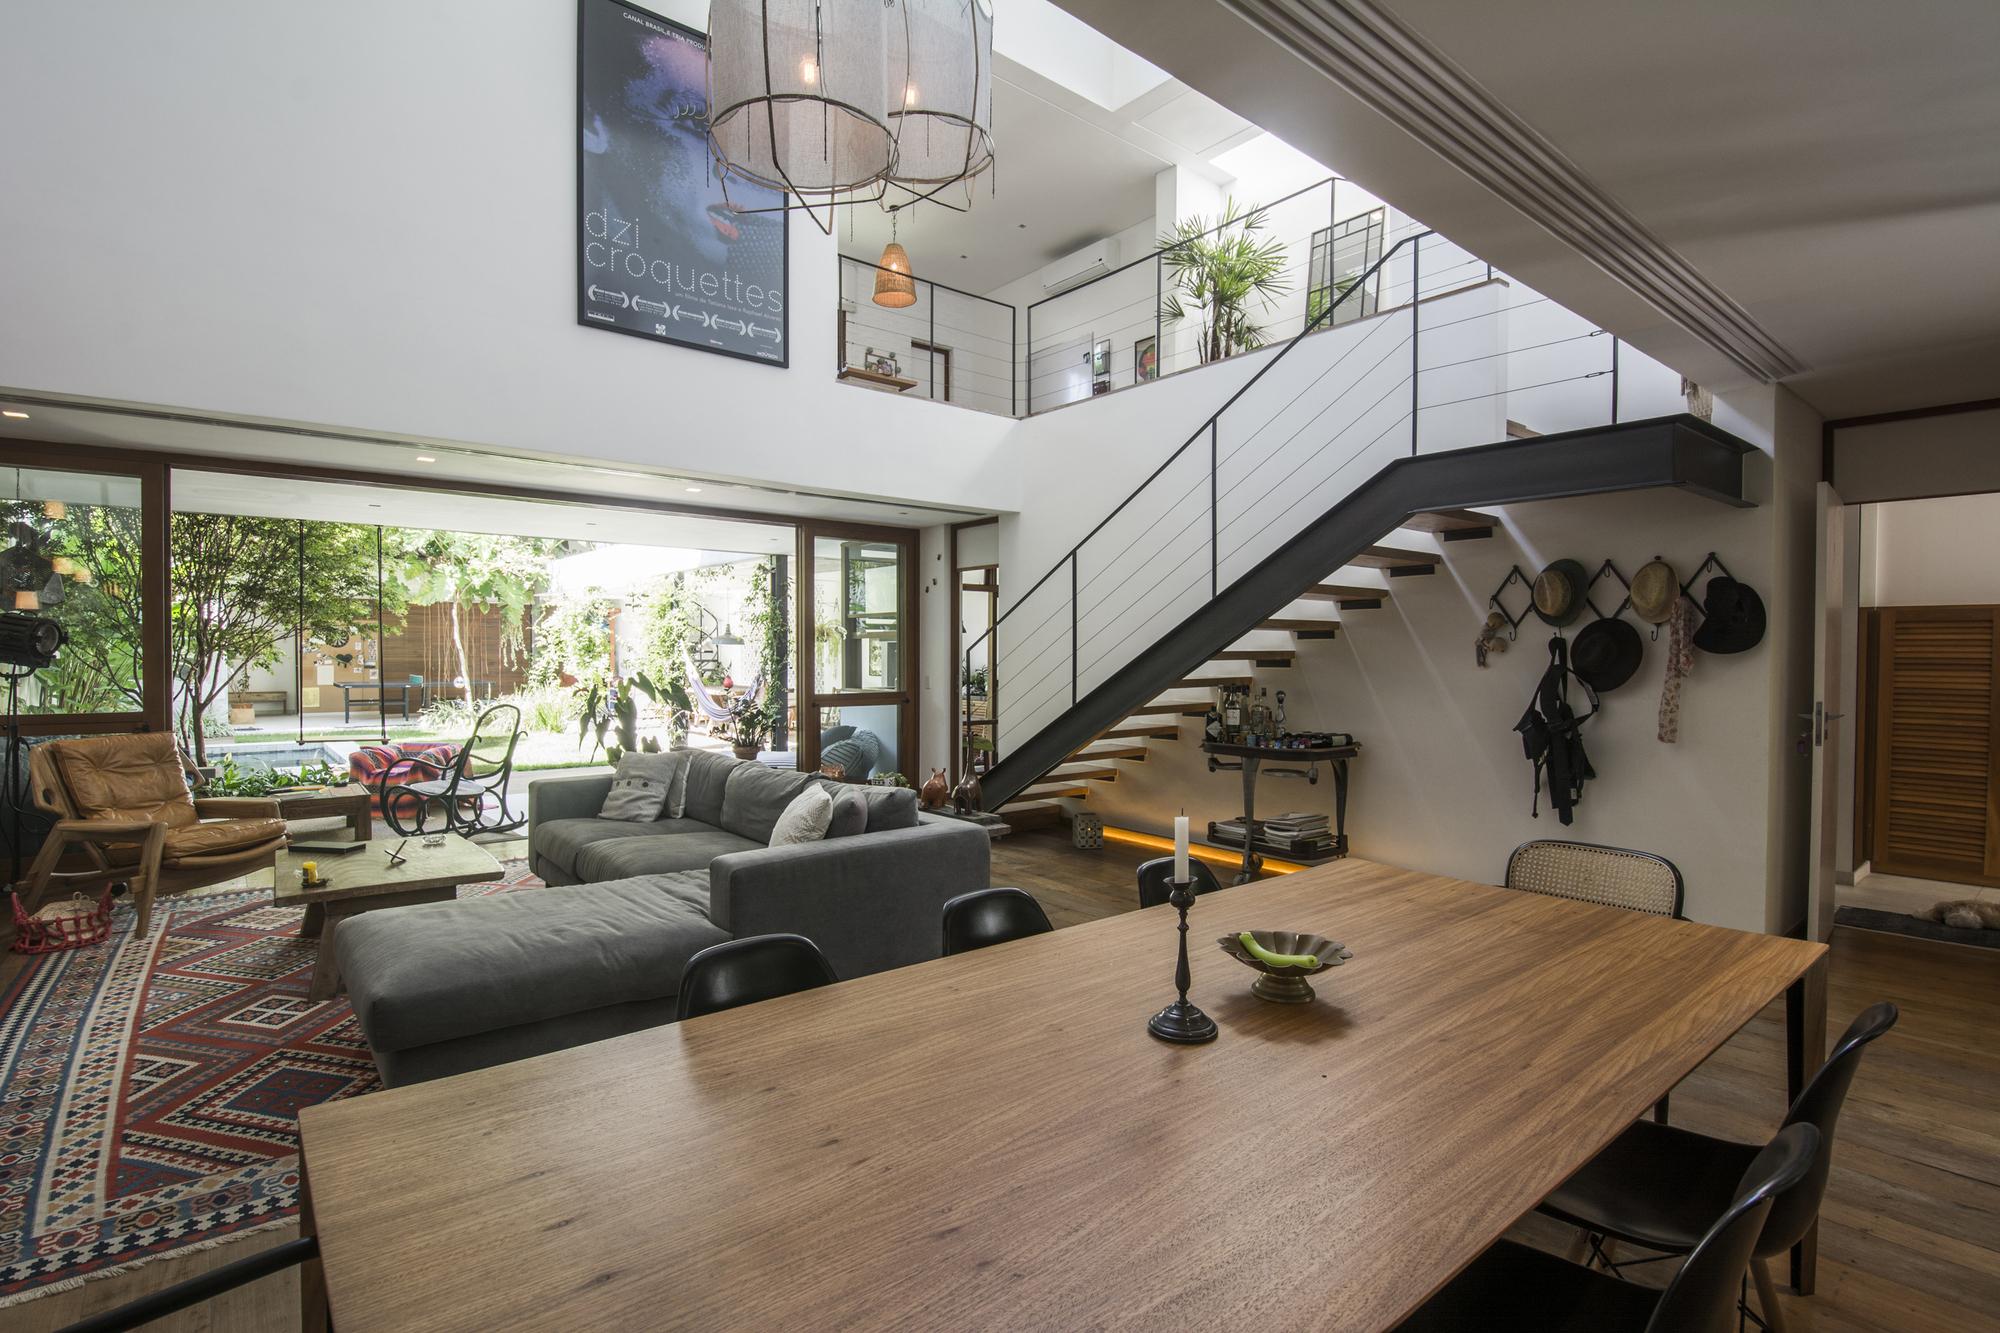 Gallery Of MKK House / Gaudenzi Arquitetura